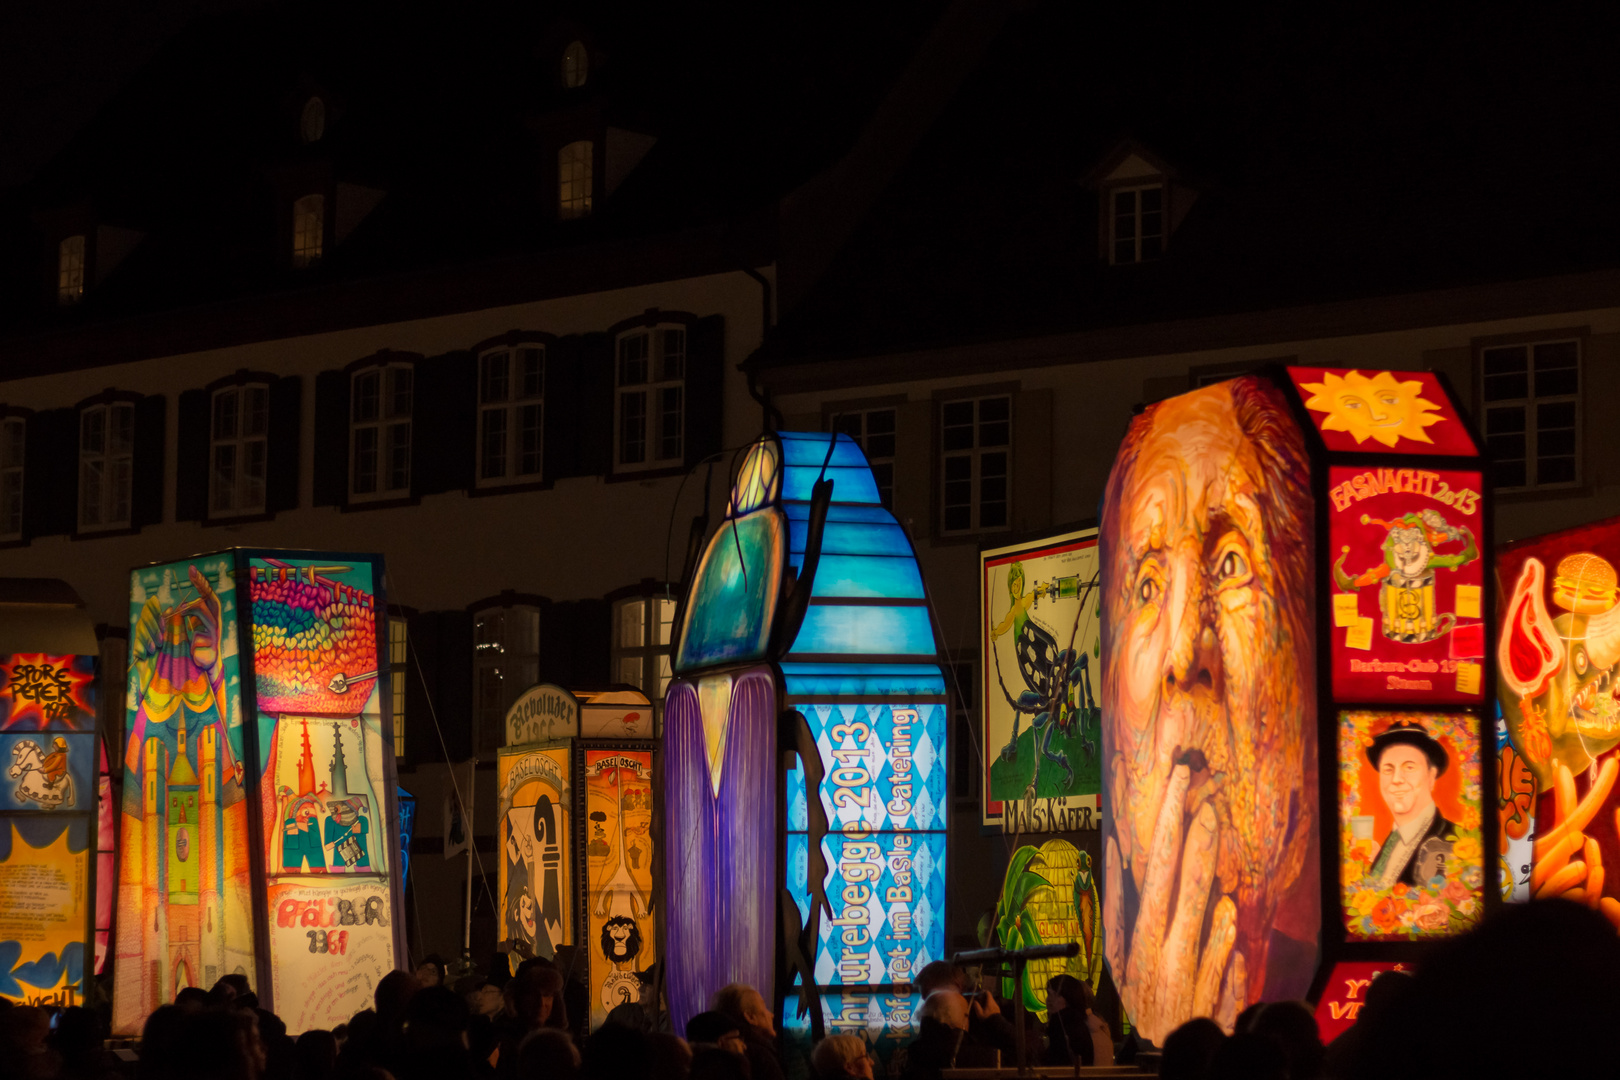 Laternenausstellung auf dem Münsterplatz in der Nacht an der Basler Fasnacht 2013